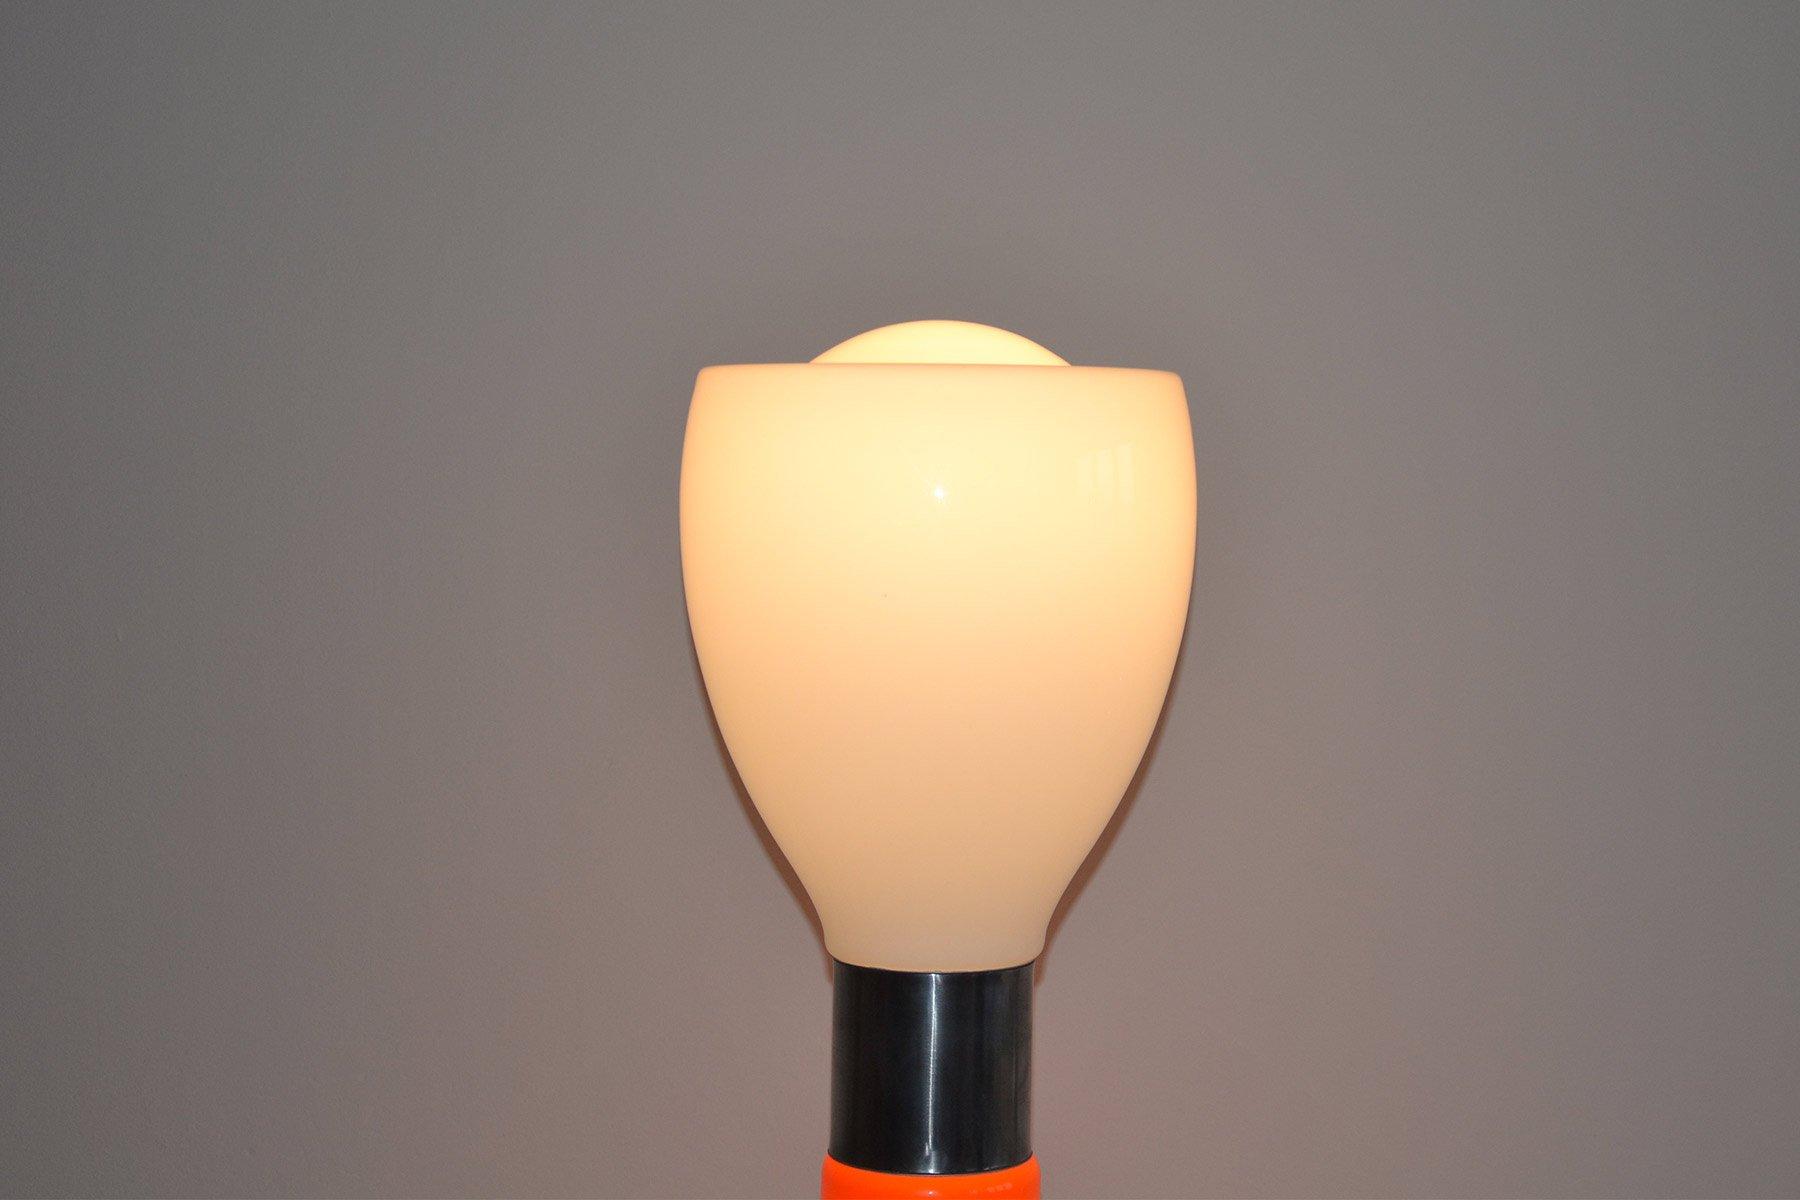 Lampada da terra nason in vetro e alluminio design carlo nason per